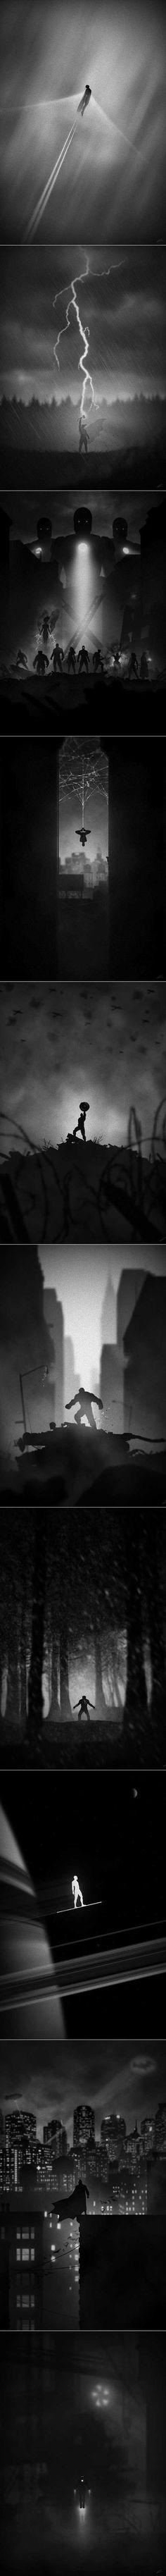 Eerie superhero posters - Imgur